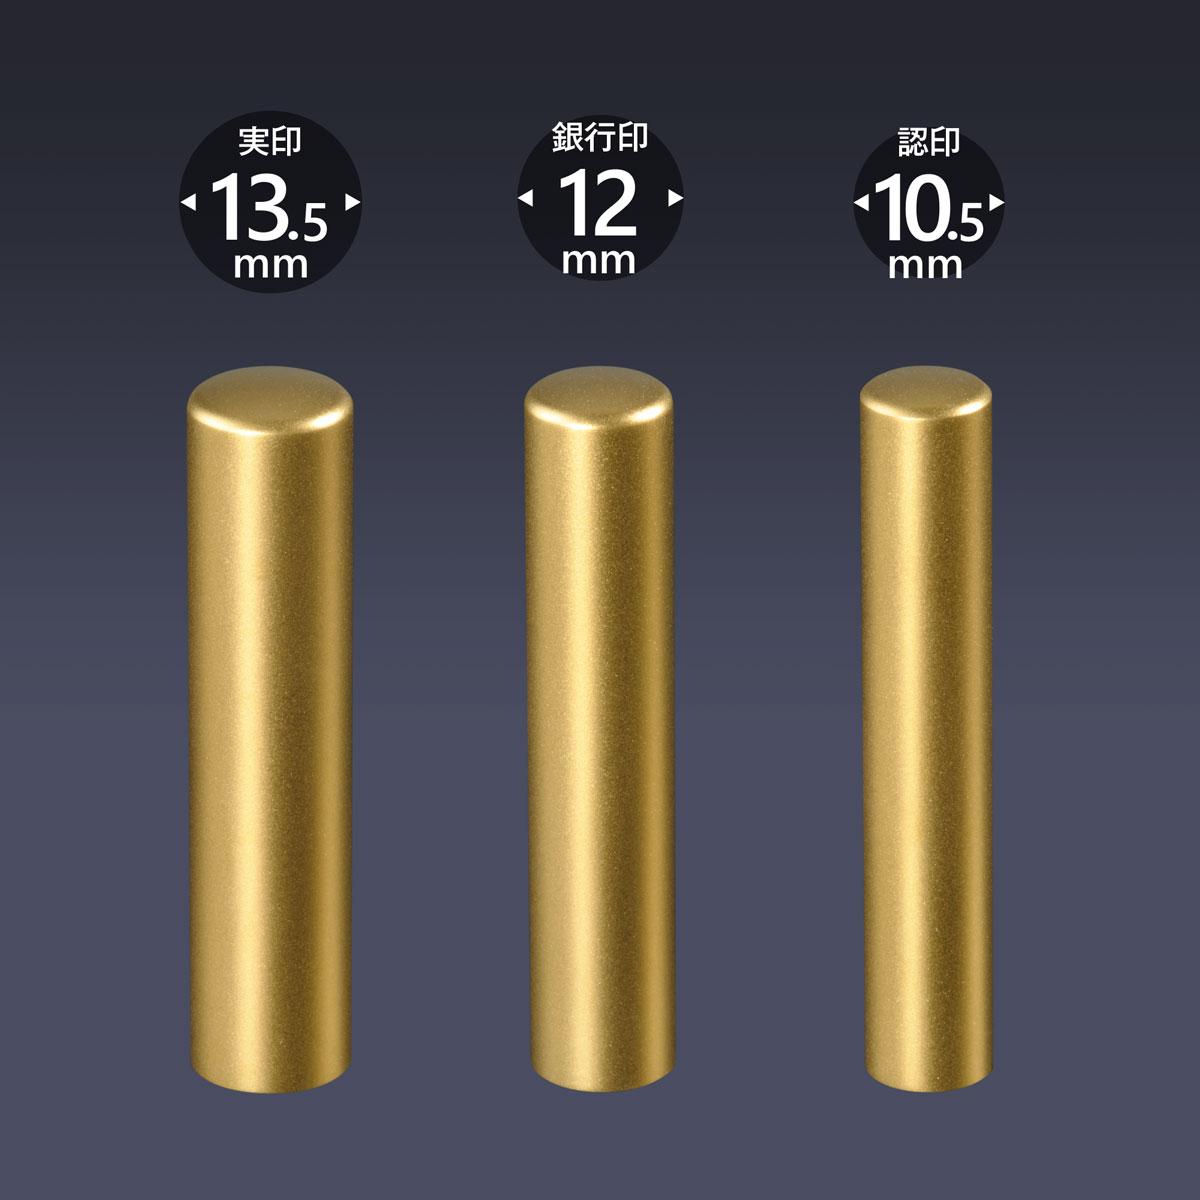 個人印 ブラストチタン(ゴールド) 3本Sセット/送料無料 女性 印鑑 男性 実印 銀行印 認印 はんこ 判子 プレゼント ギフト